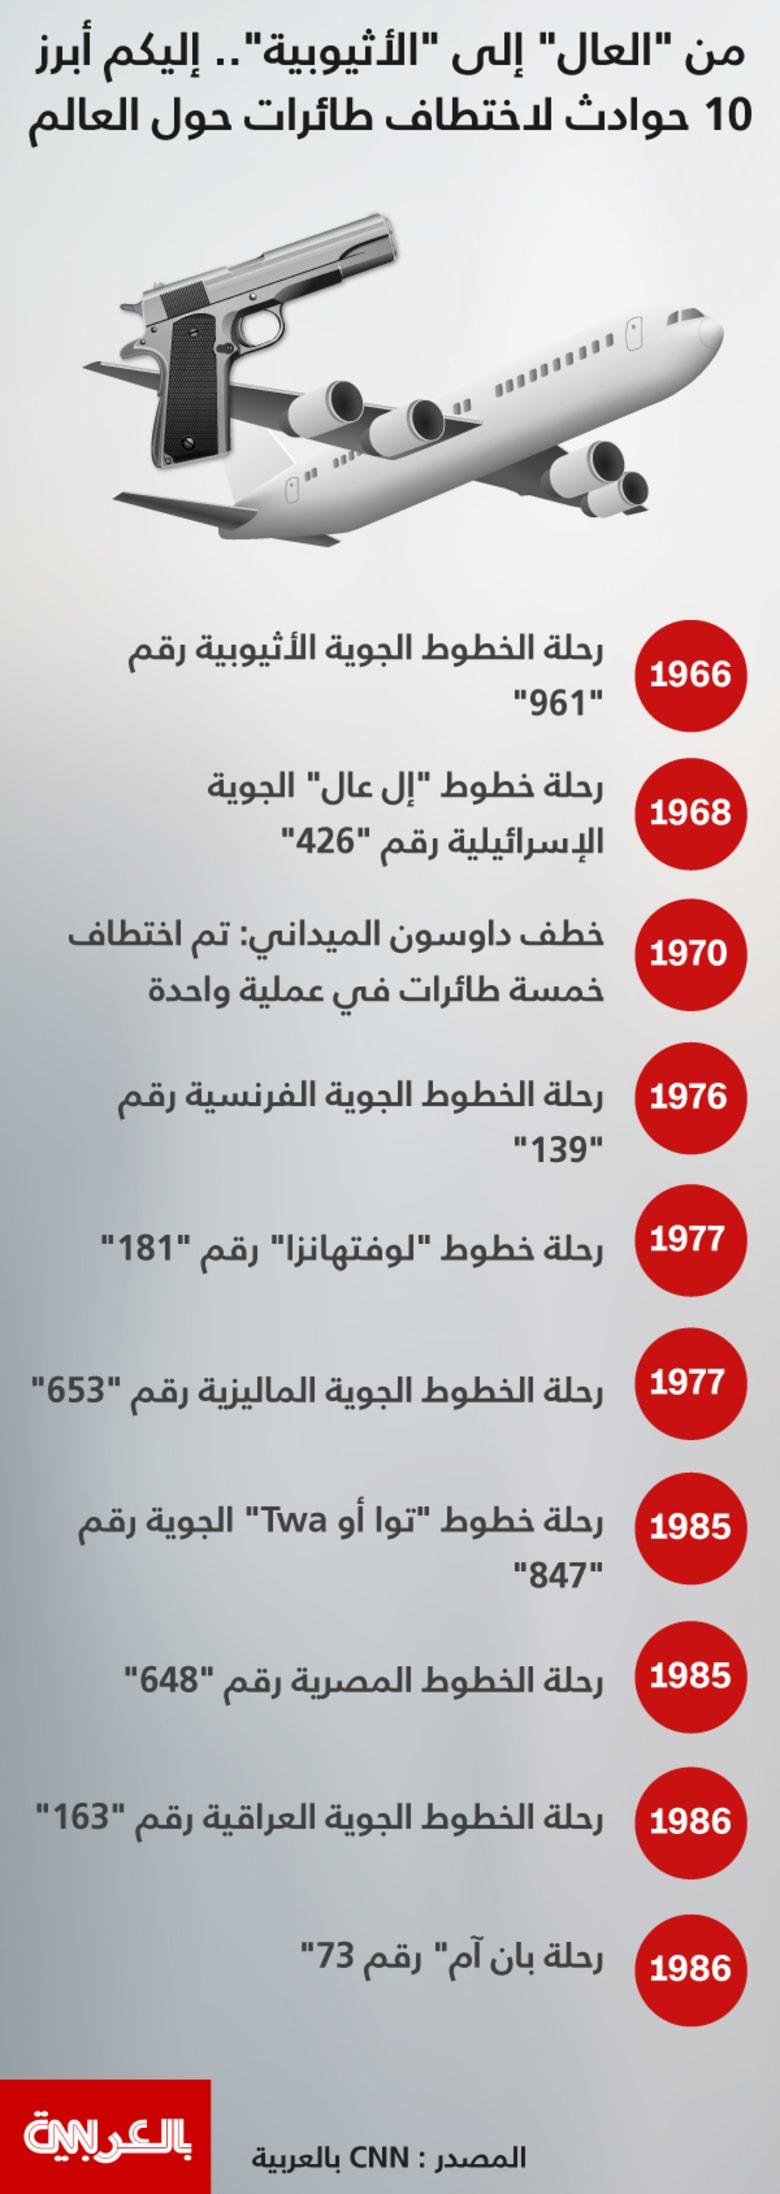 بالإنفوجرافيك: أشهر 10 حوادث اختطاف طائرات احتلت عناوين الصحف عبر التاريخ